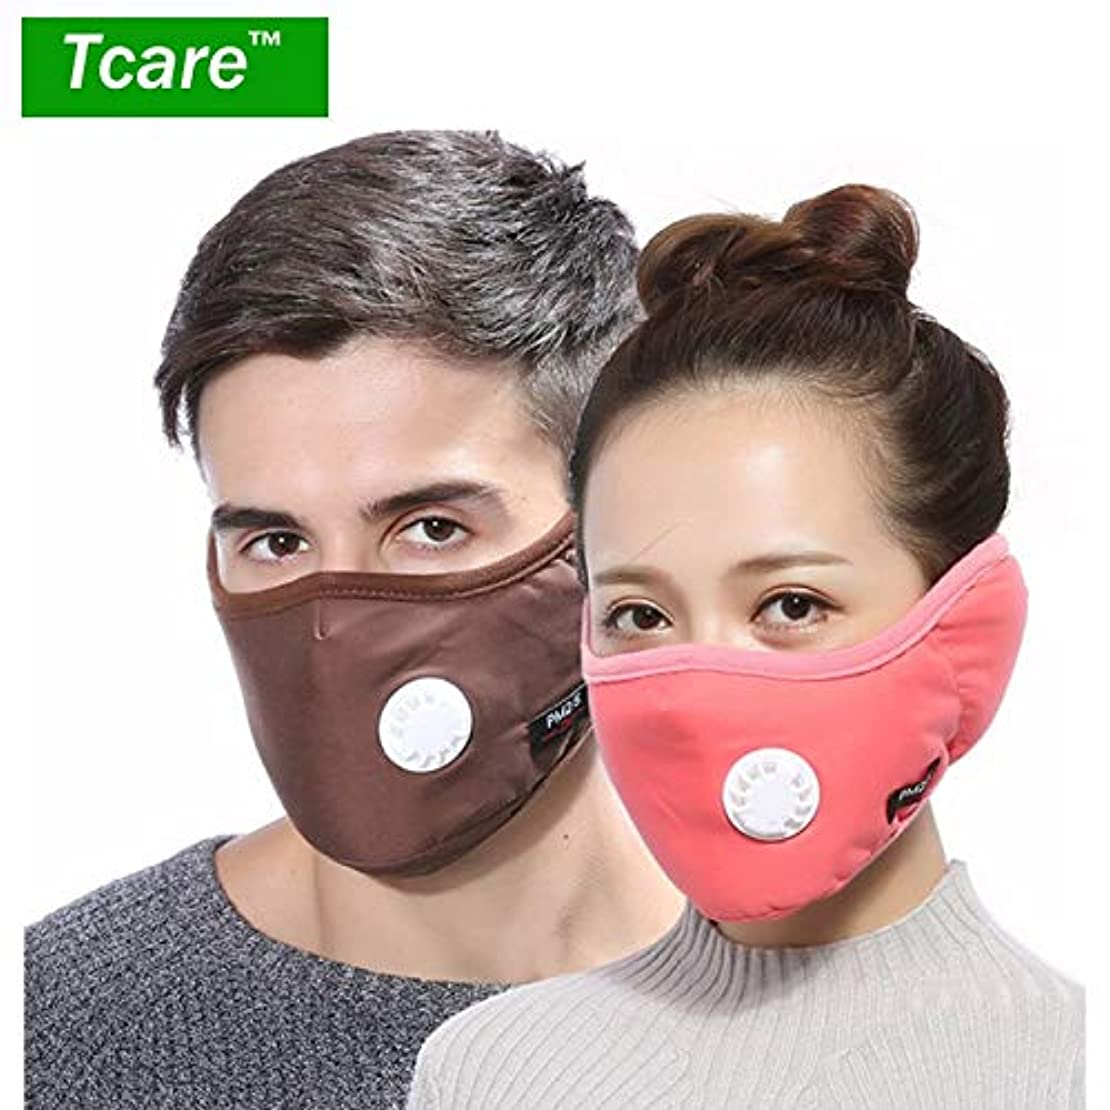 4レッド:1 PM2.5マスクバルブコットンアンチダスト口マスクの冬のイヤーマフActtedフィルター付マスクでTcare 2